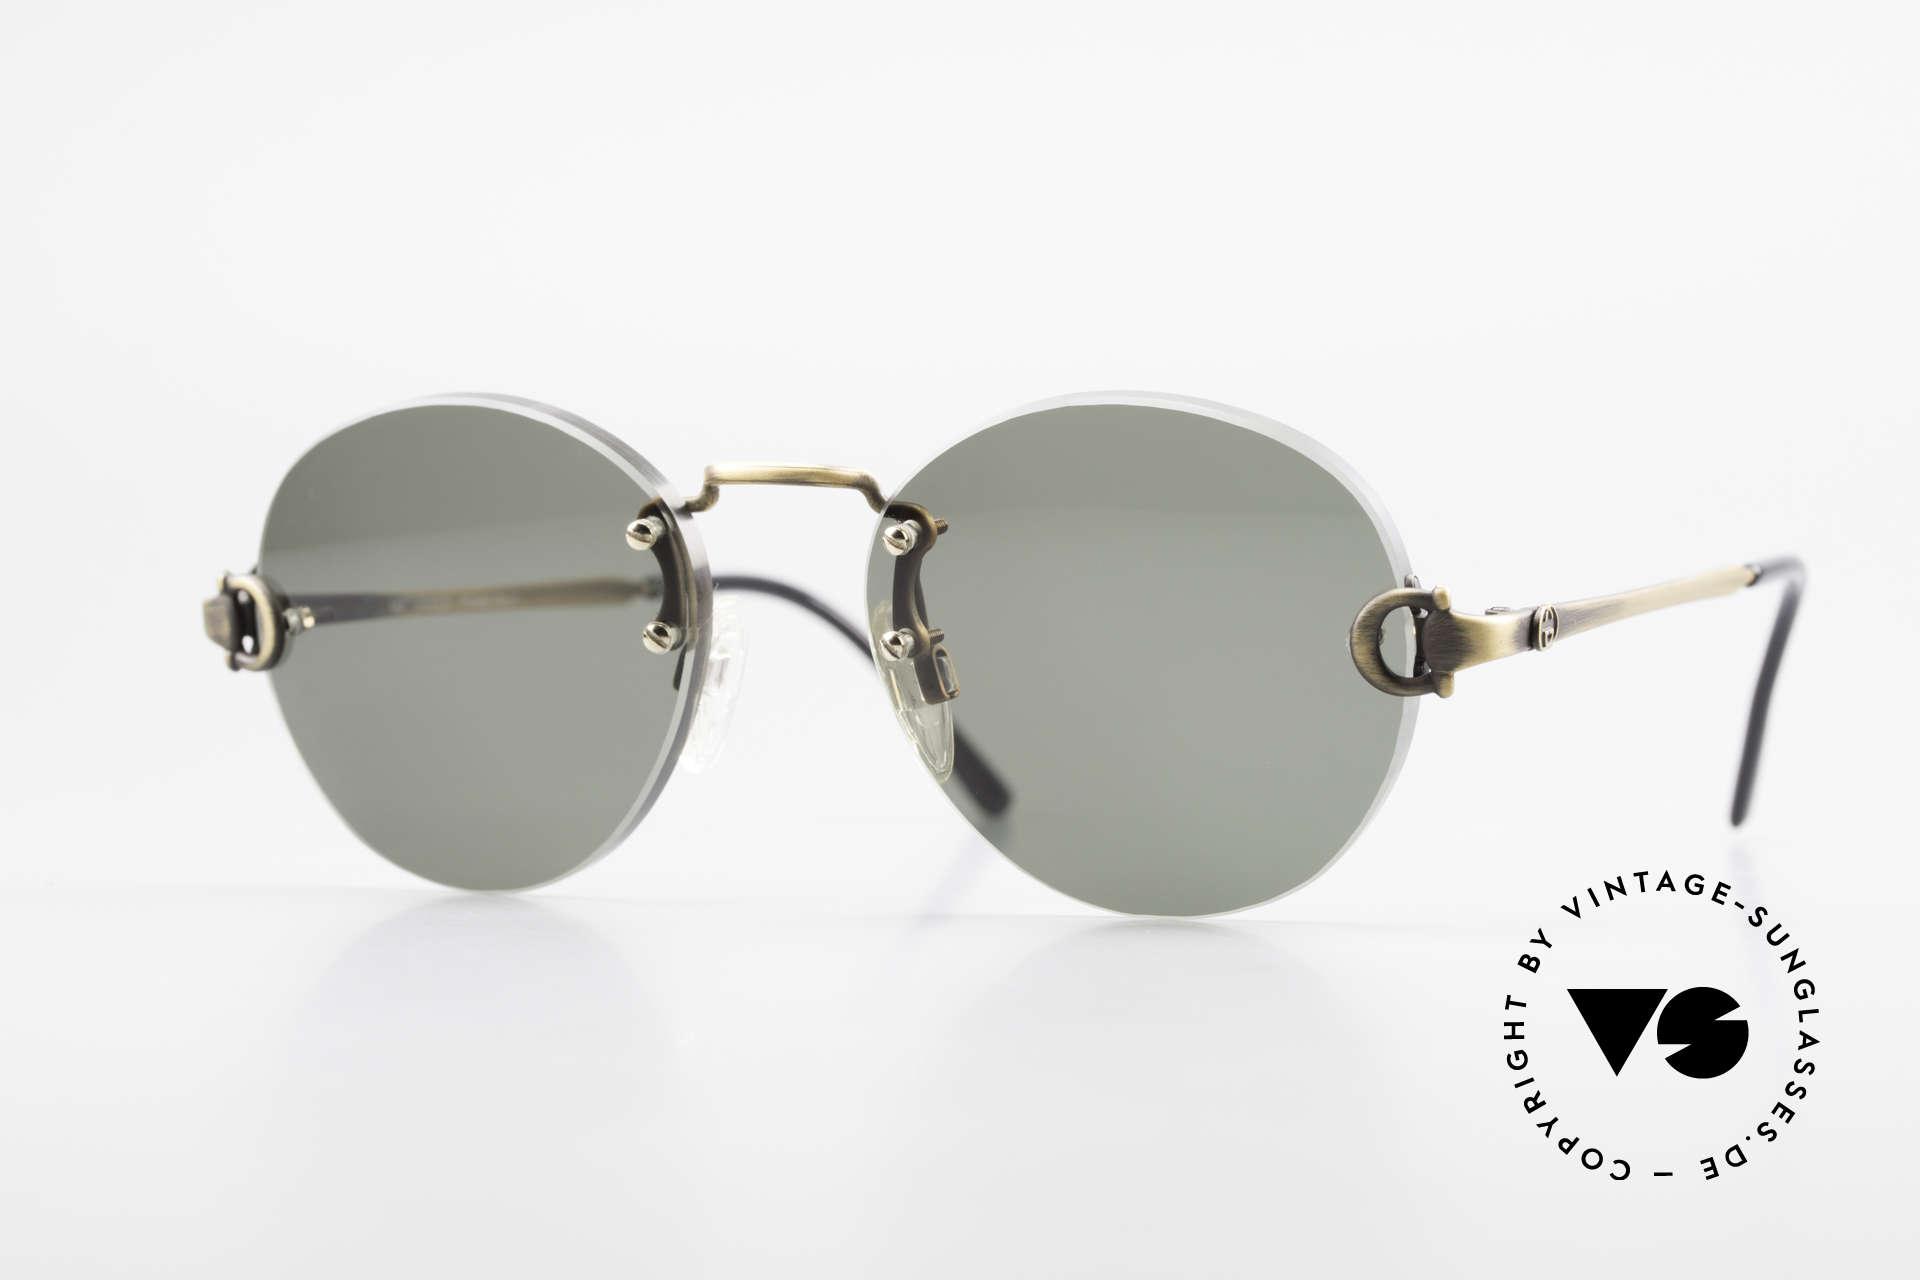 Gucci 2223 Runde Sonnenbrille Randlos, randlose vintage 1980er Sonnenbrille von GUCCI, Passend für Herren und Damen